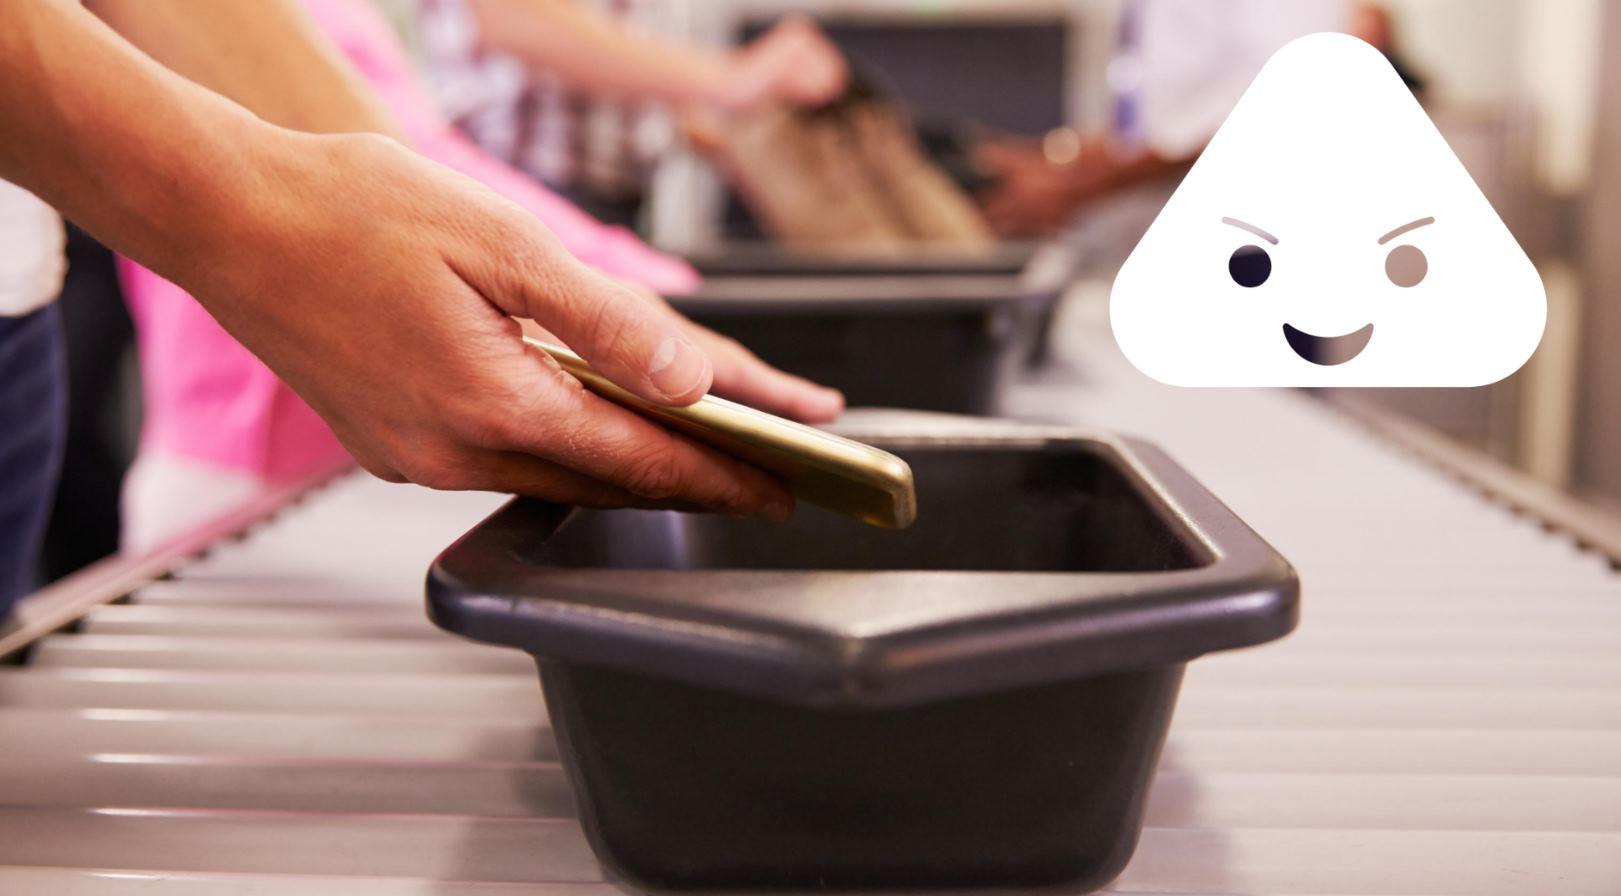 Nueva tecnología para no tener que sacar móviles y ordenadores en los aeropuertos